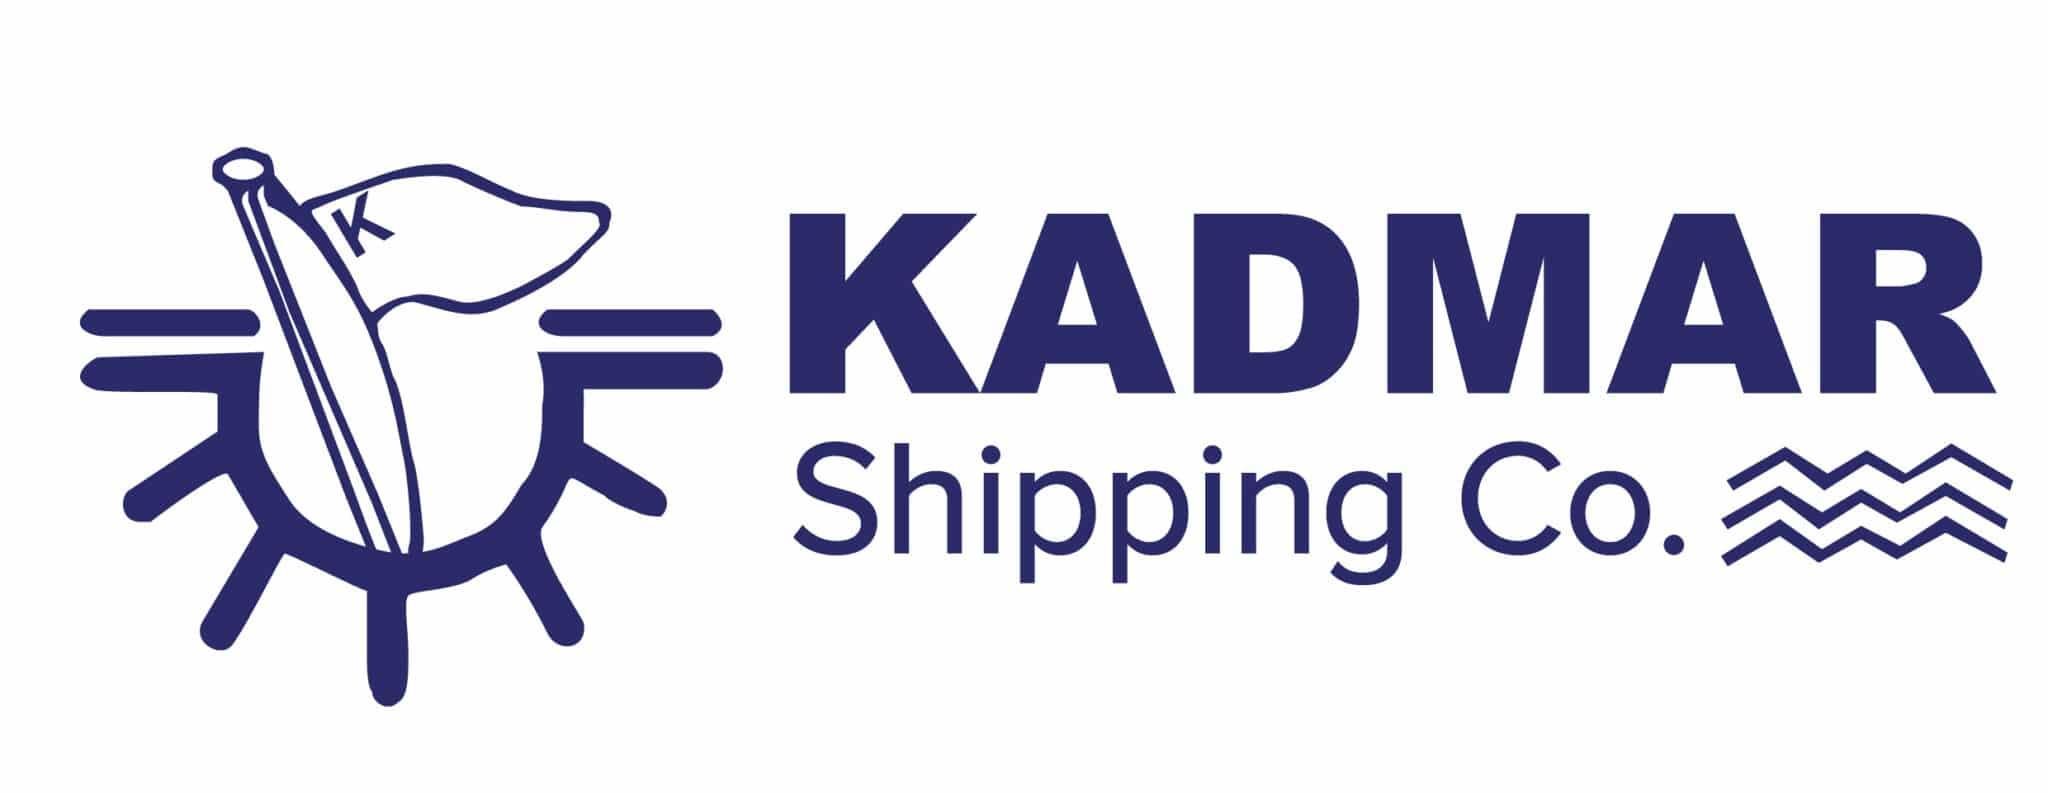 kadmar shipping logo 01